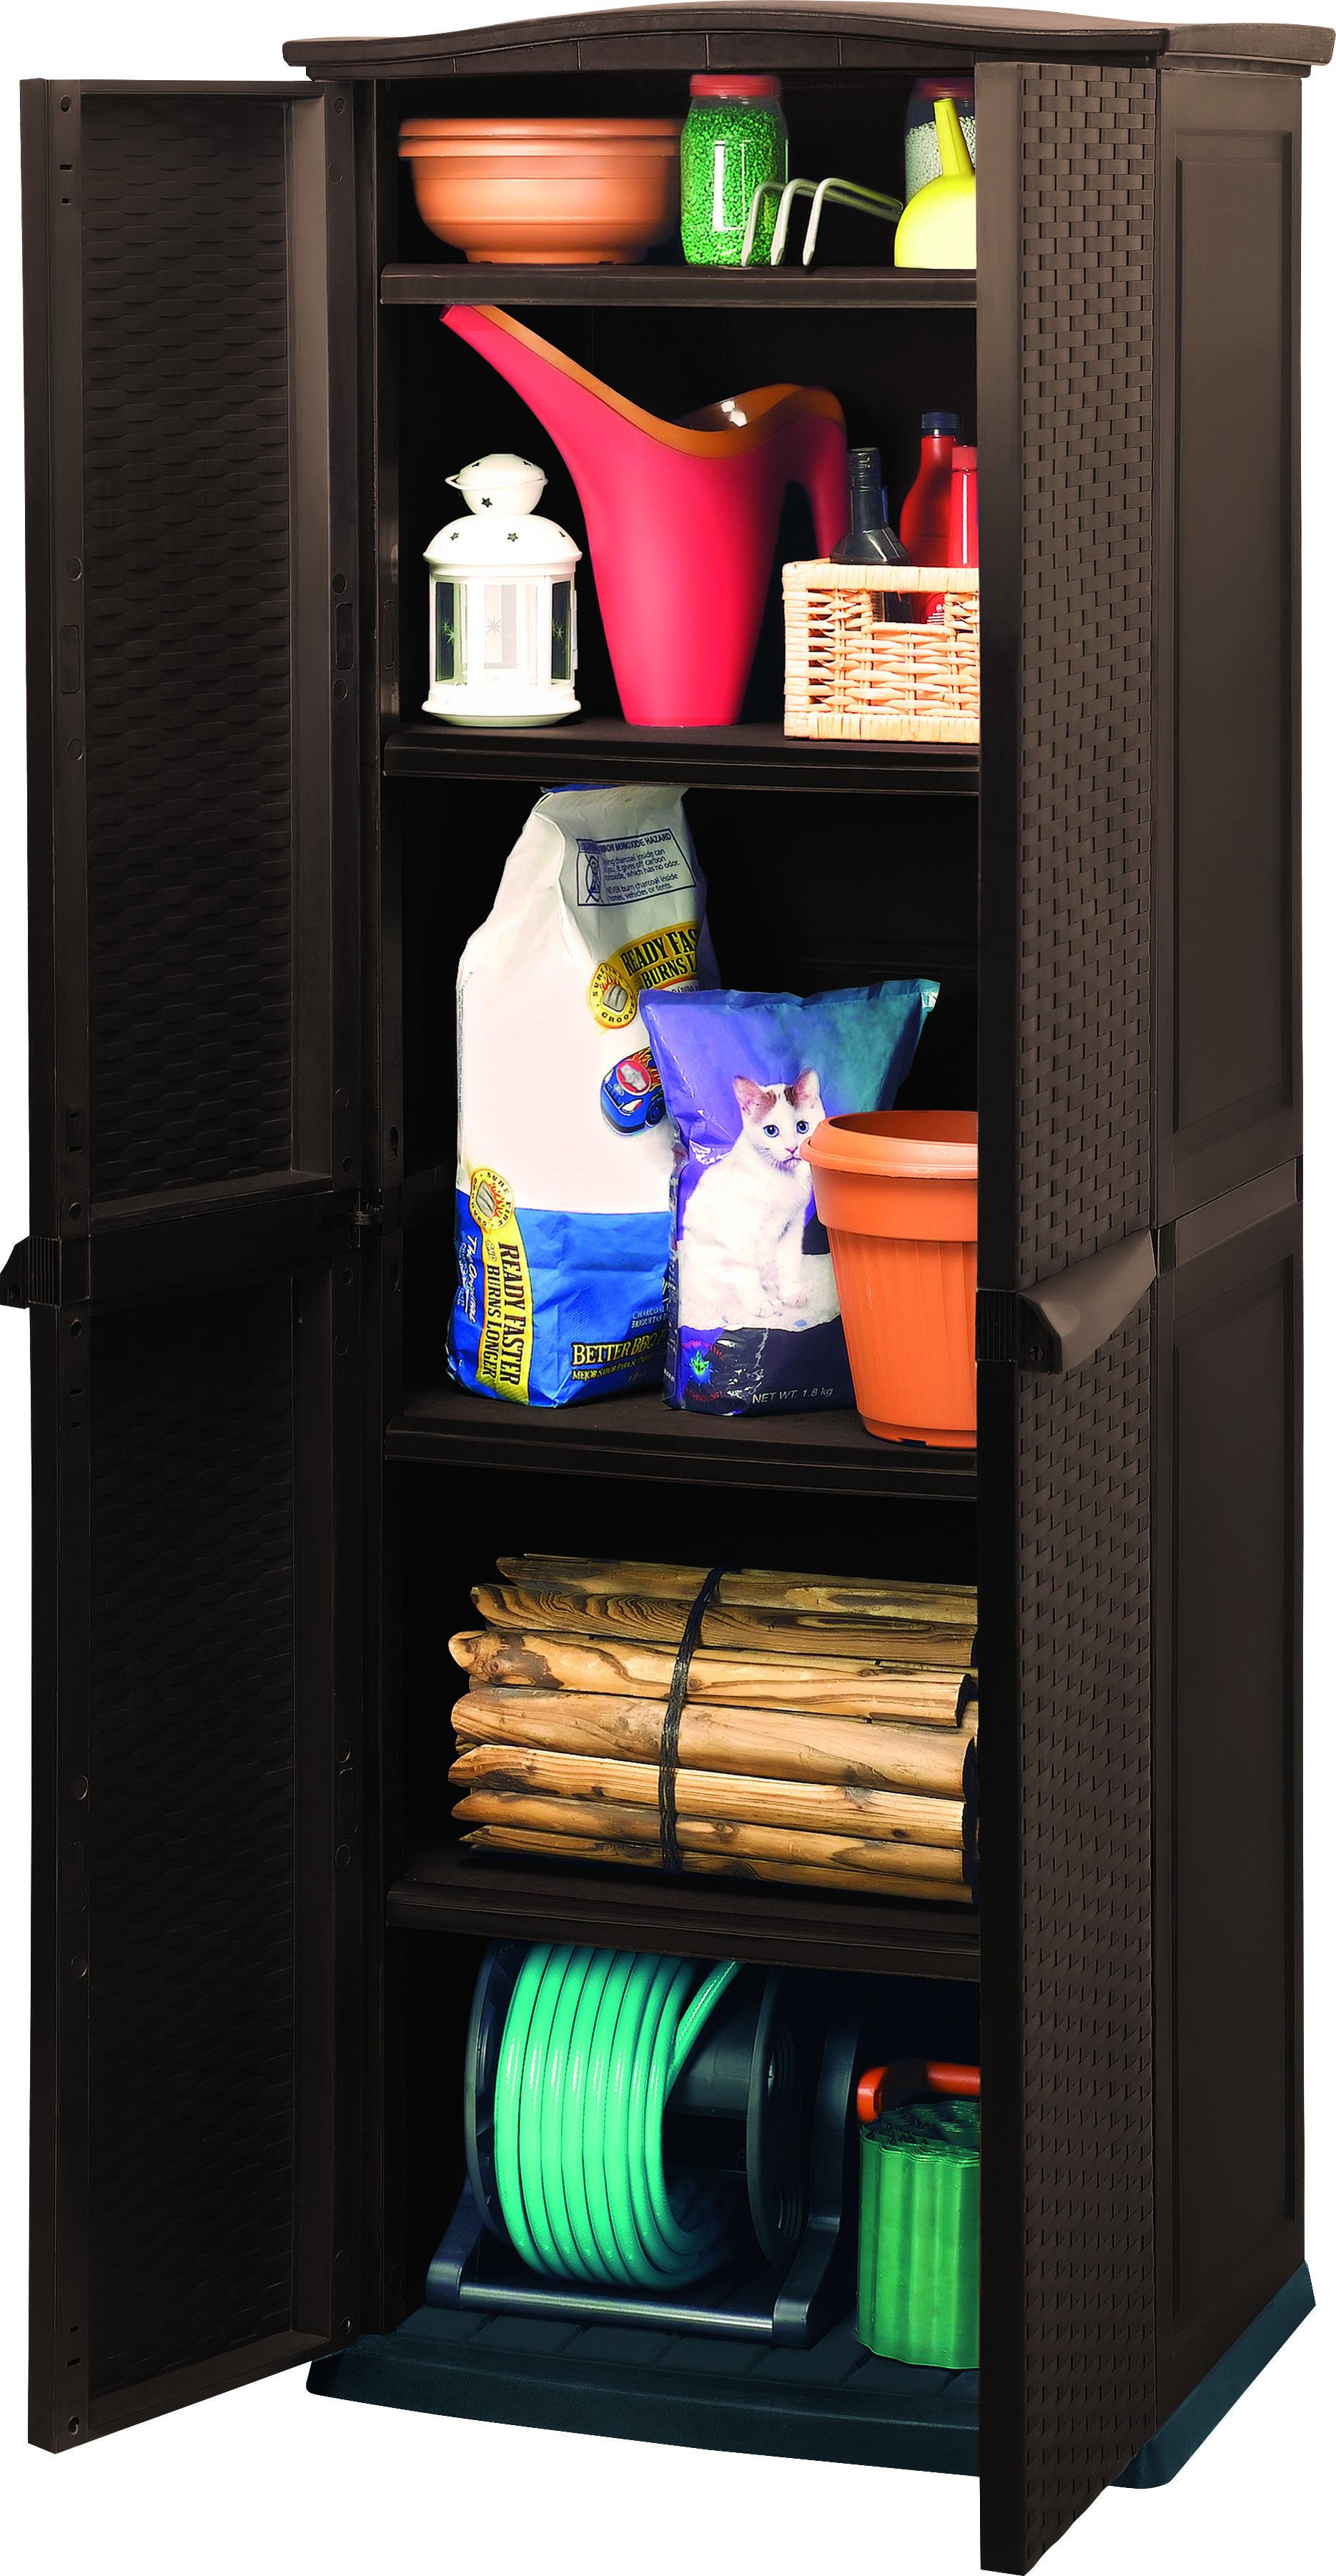 Keter хозяйственный шкаф utility 4 shelves под ротанг - купи.